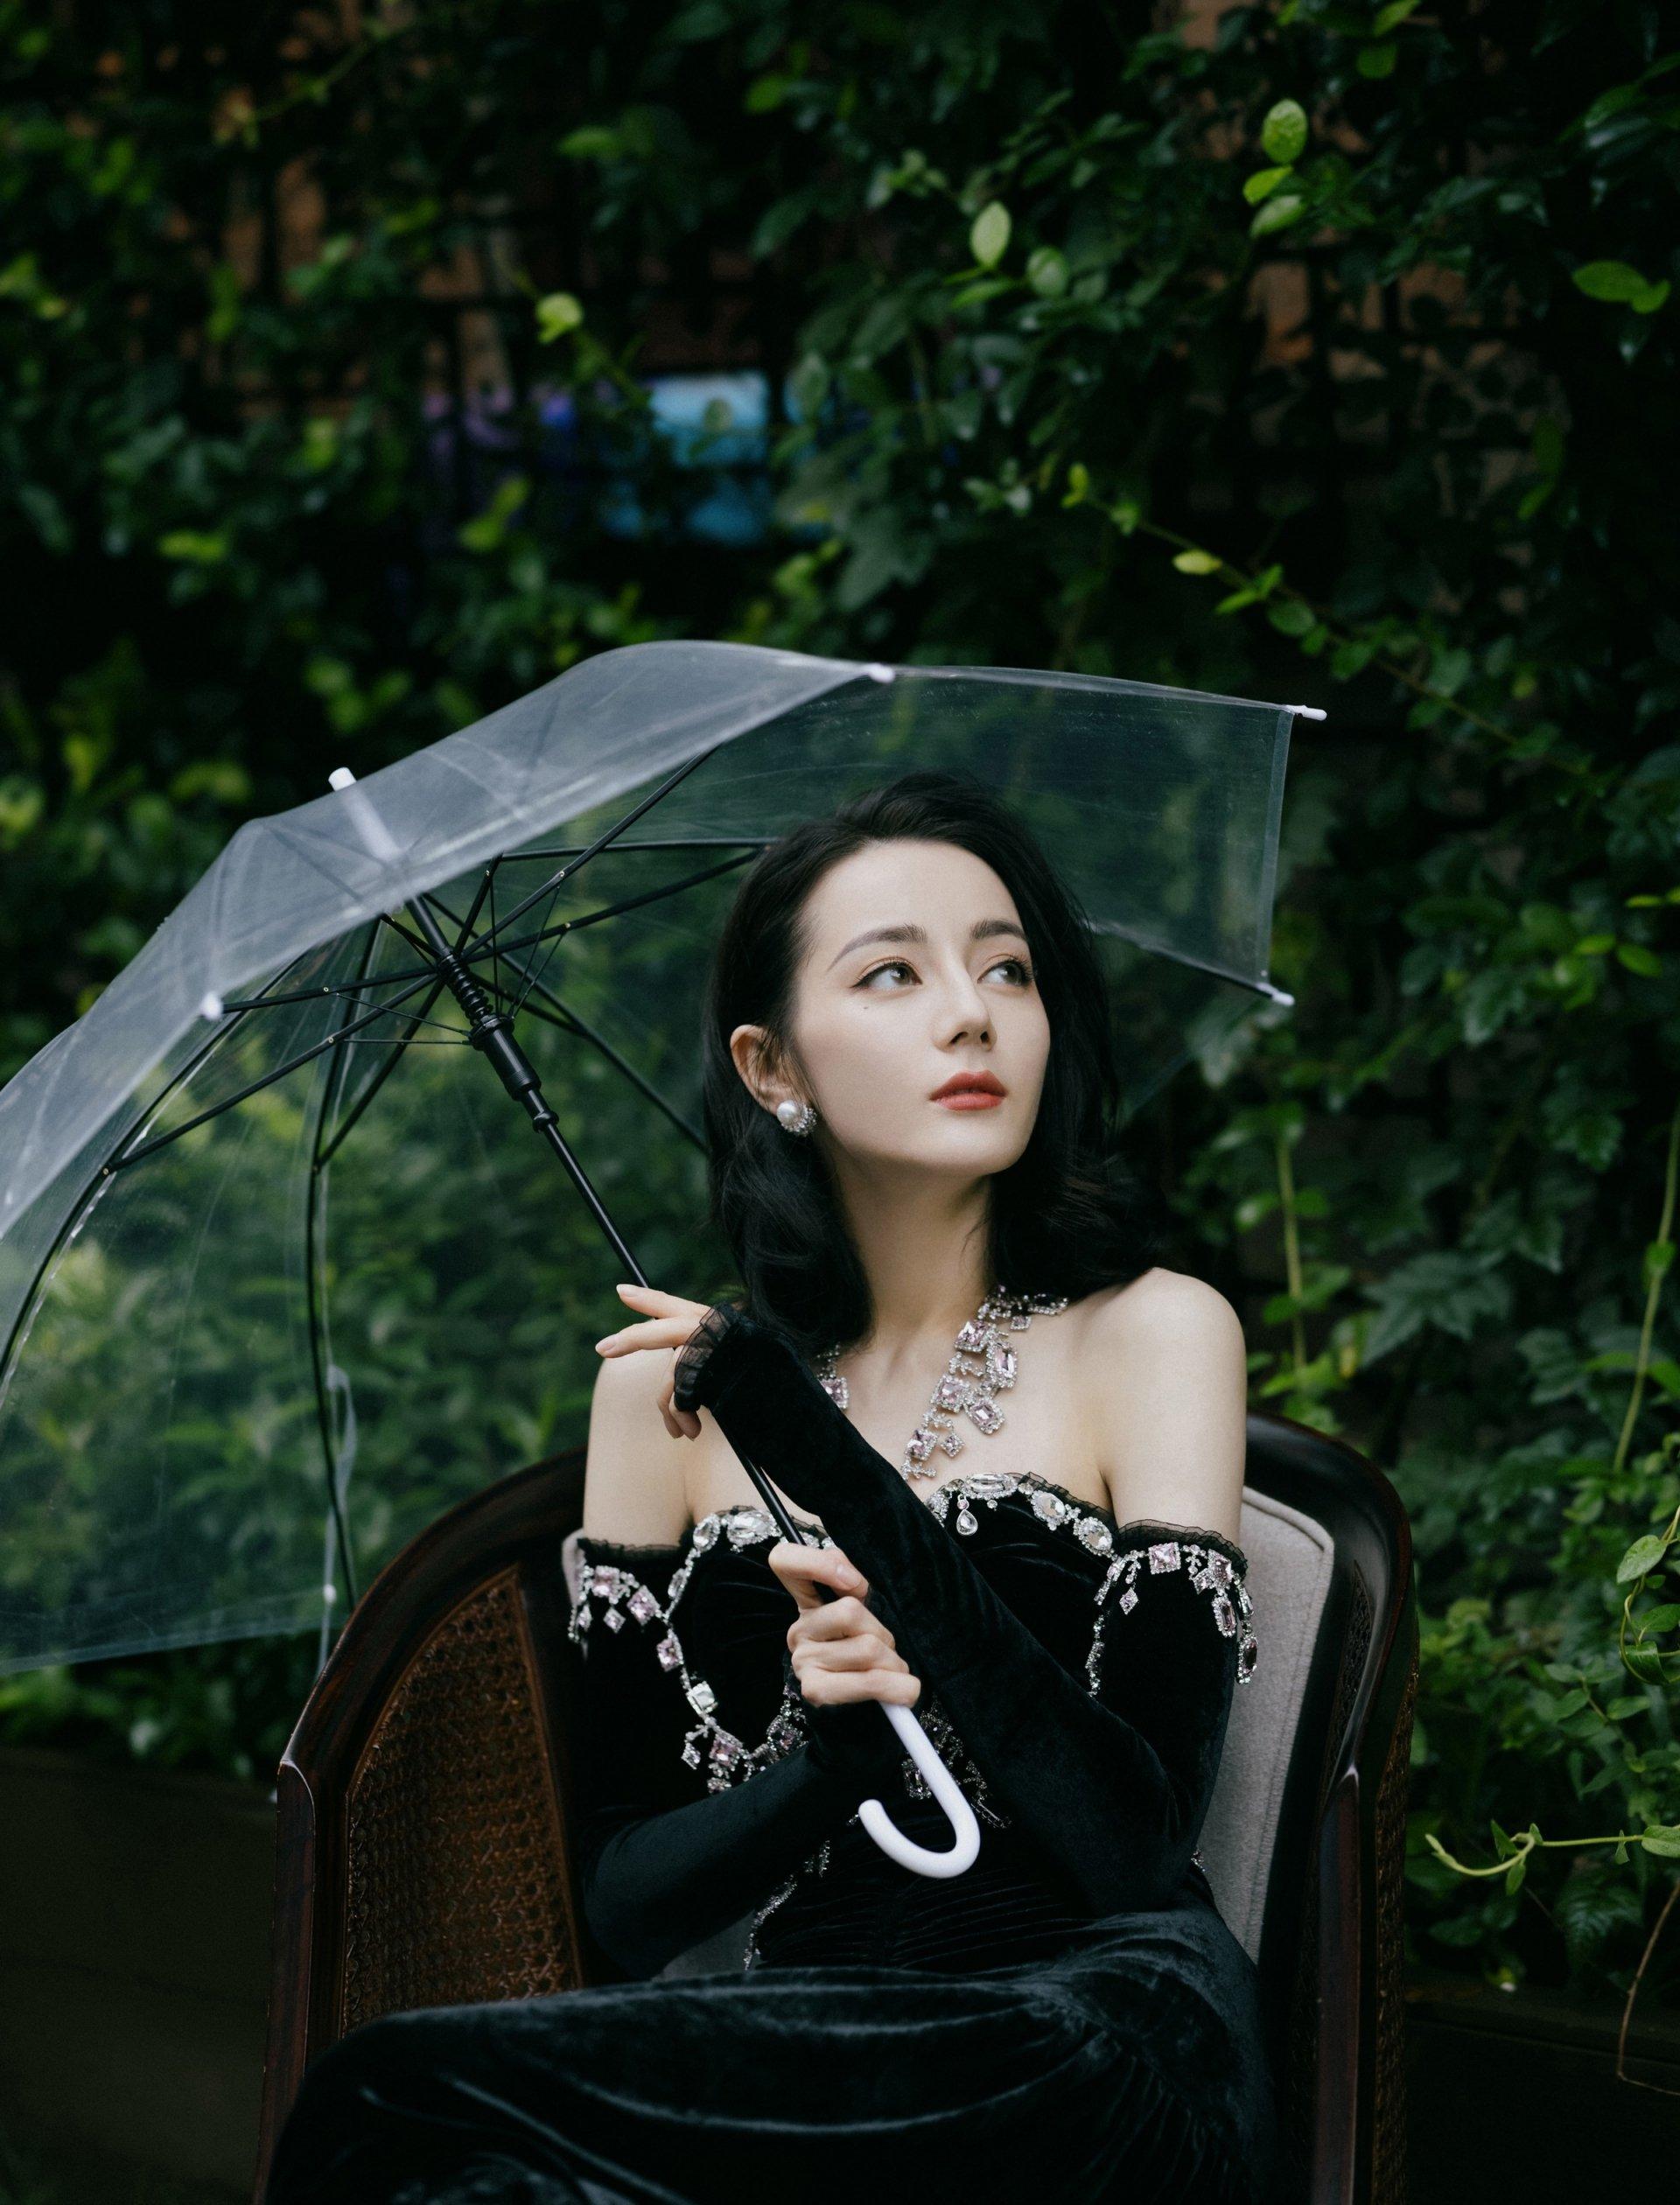 Địch Lệ Nhiệt Ba tái hợp Dương Dương trong phim mới, duyên màn ảnh 'không muốn' cũng khó dứt 1